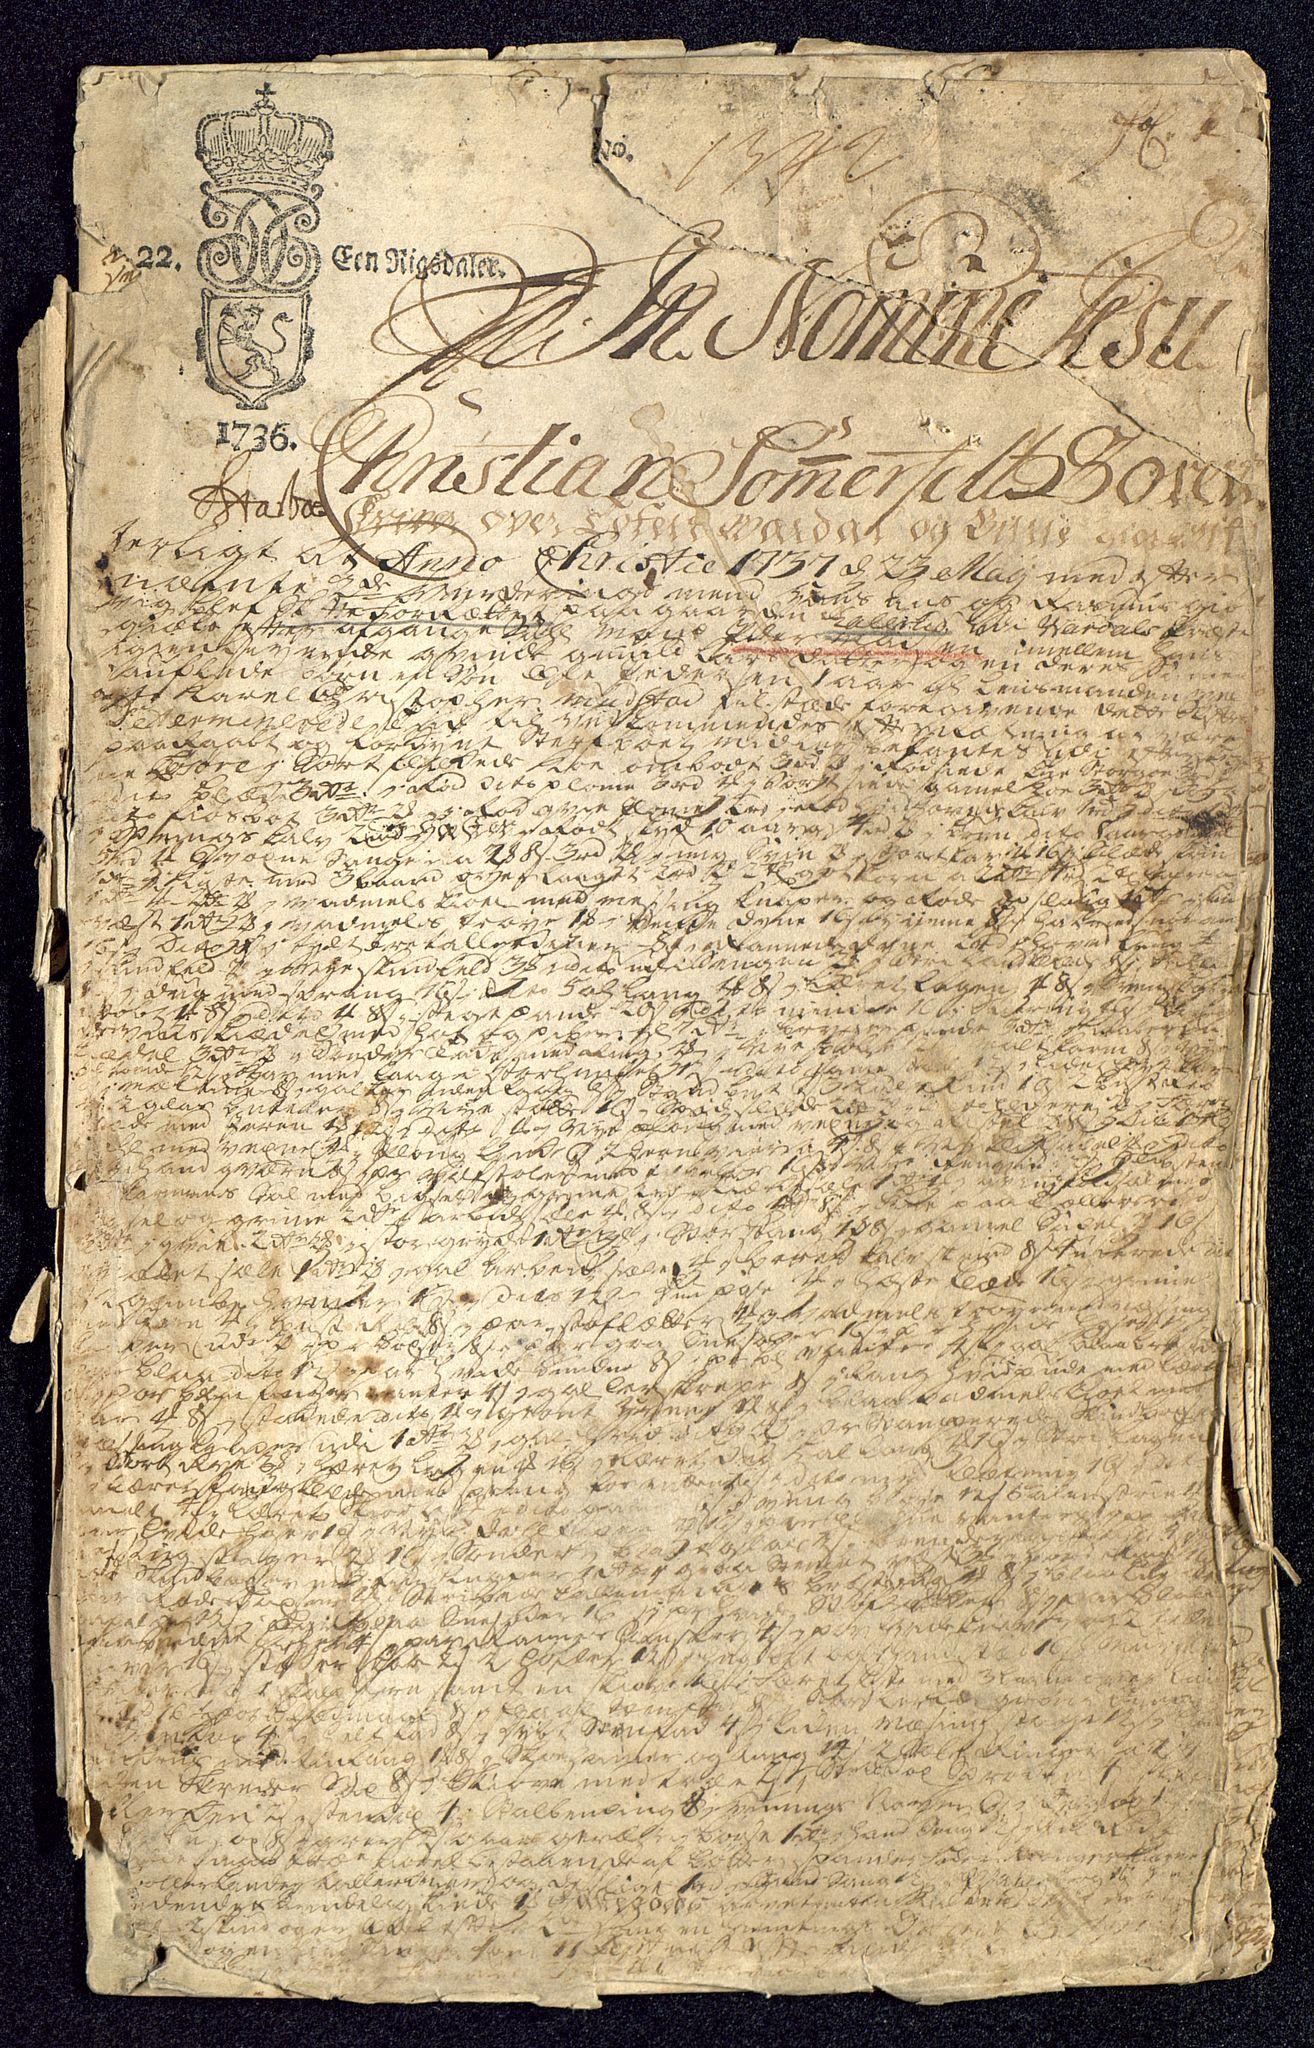 SAH, Oplandenes amt, O/Oc/L0100: Avskrifter av skifter, 1737, s. 1a